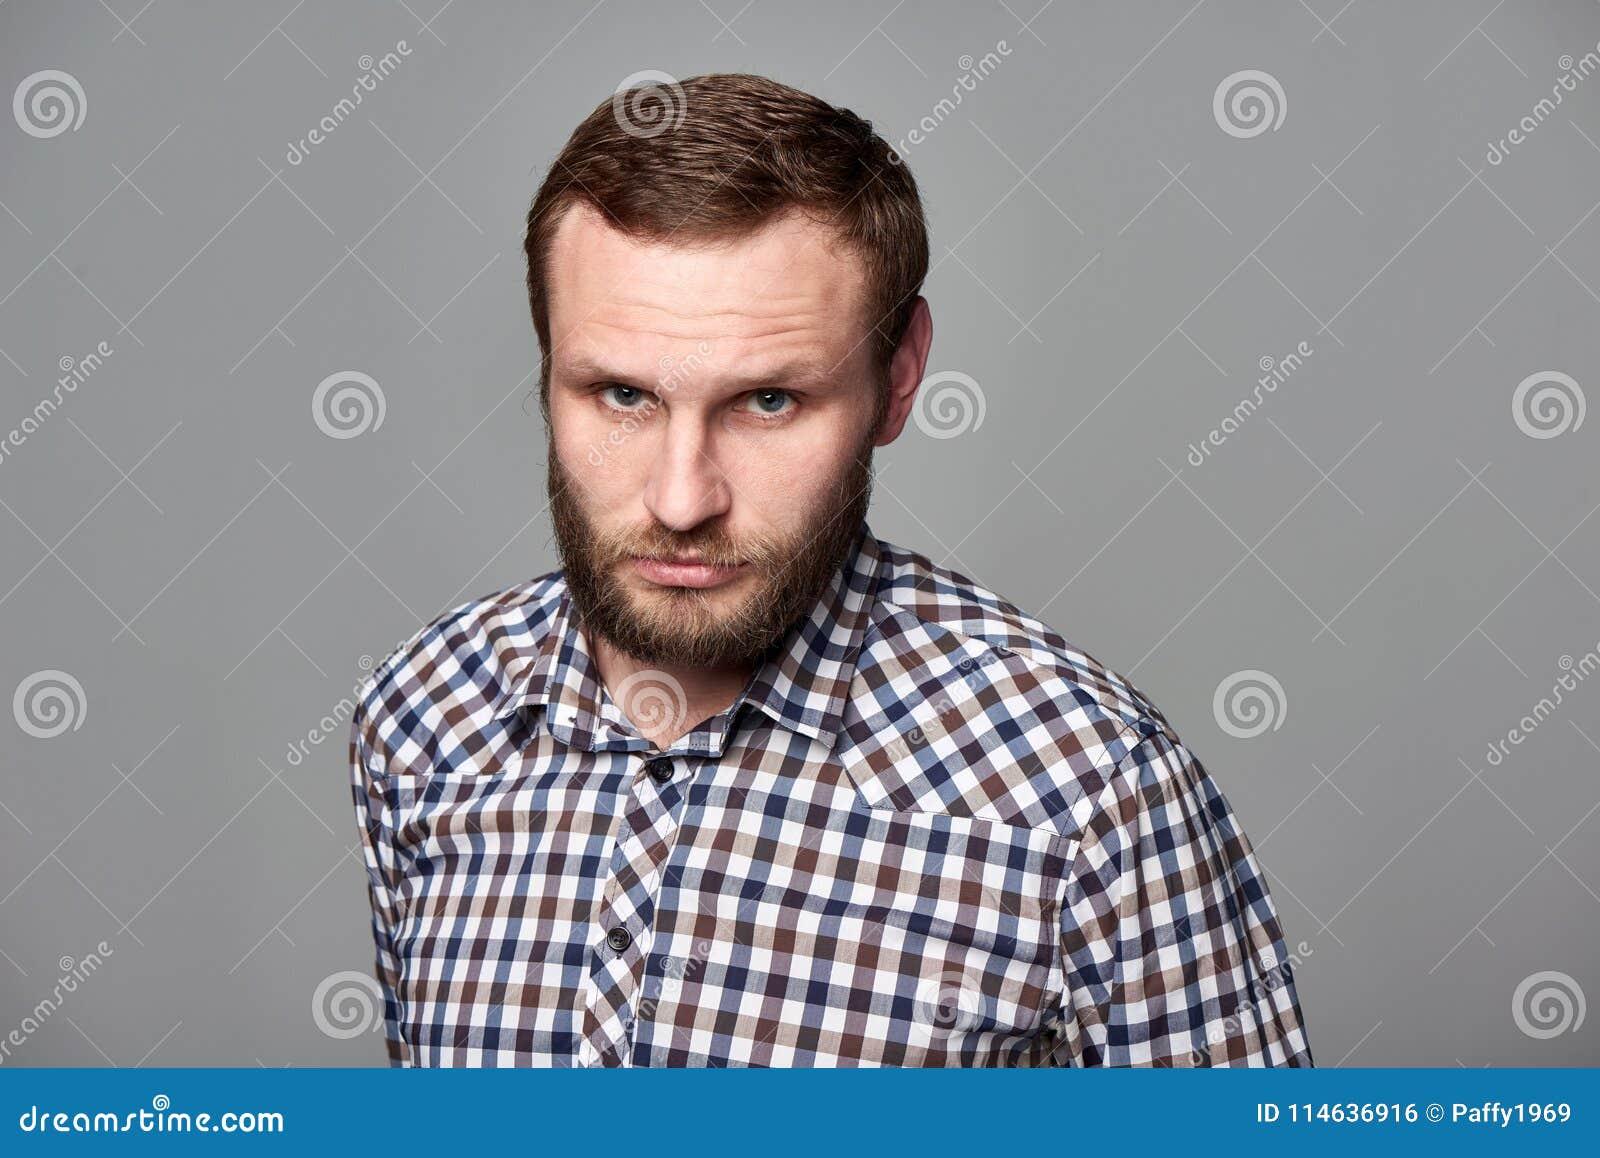 Hombre barbudo severo en camisa a cuadros